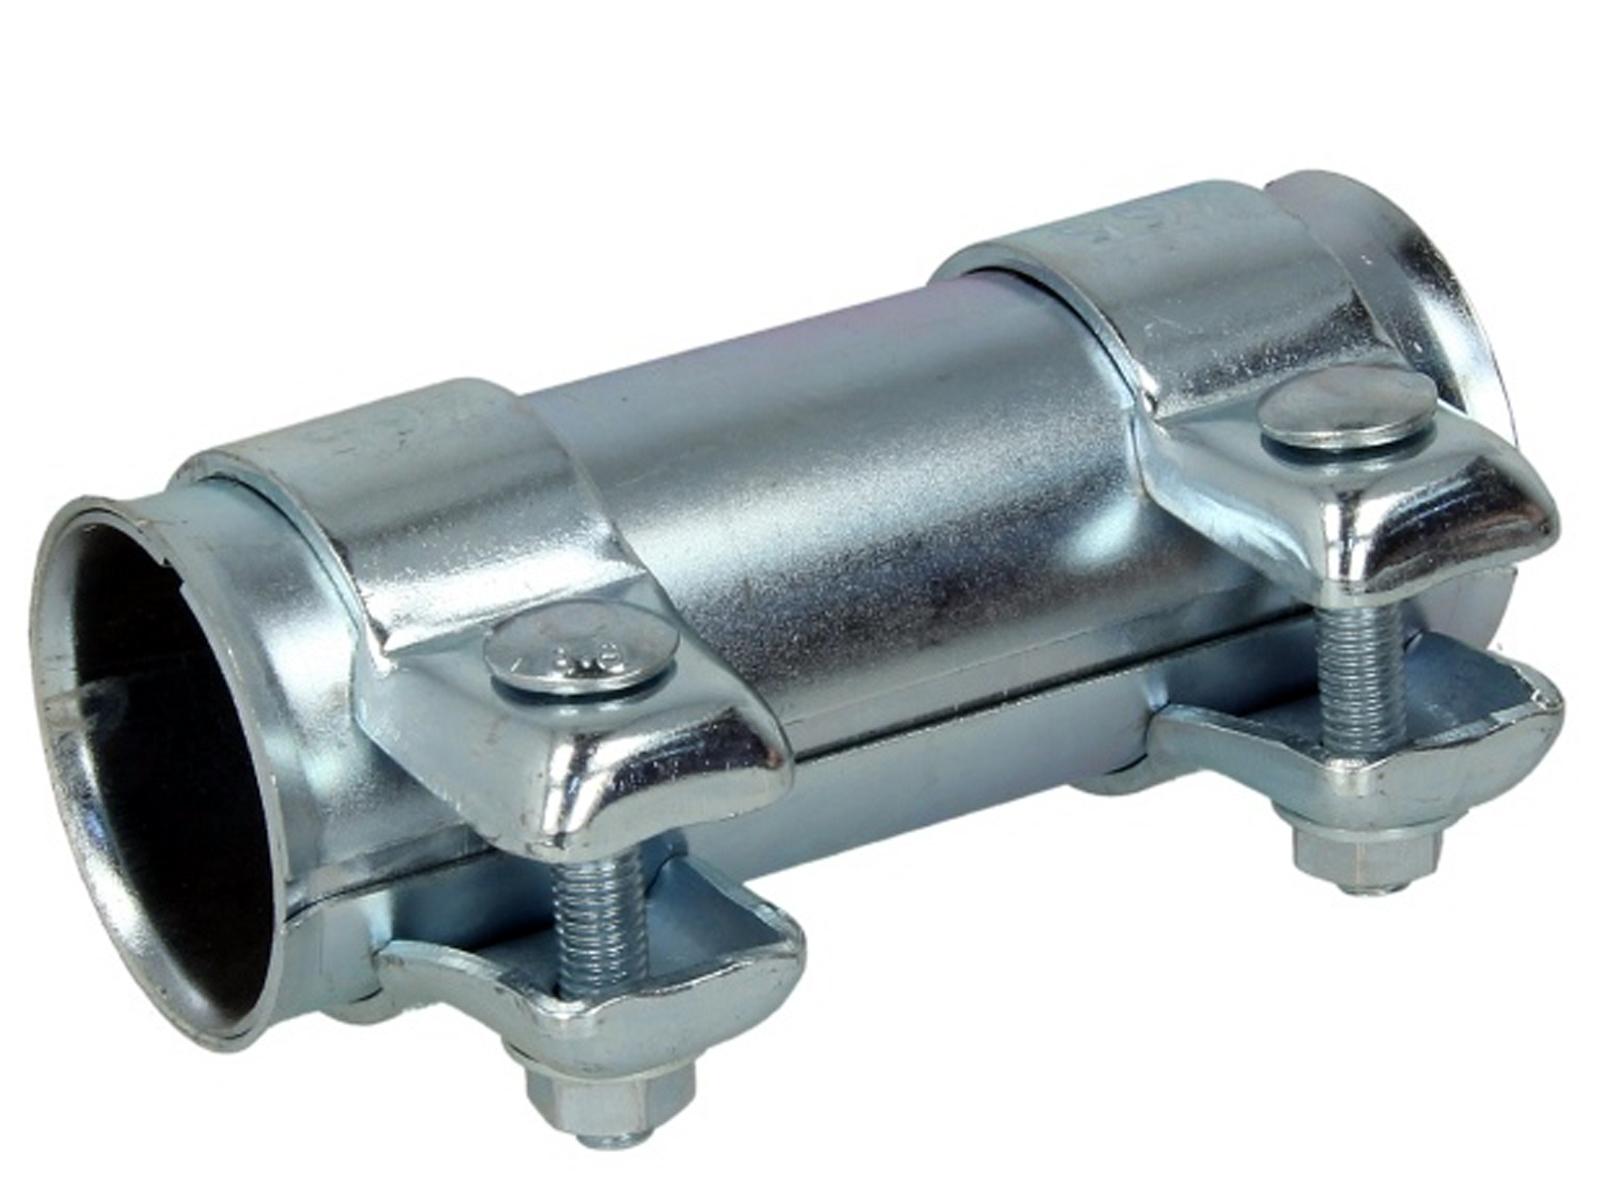 Auspuffschelle Rohrschelle Doppelschelle Rohrverbinder Schelle 43 x 125 mm VAG